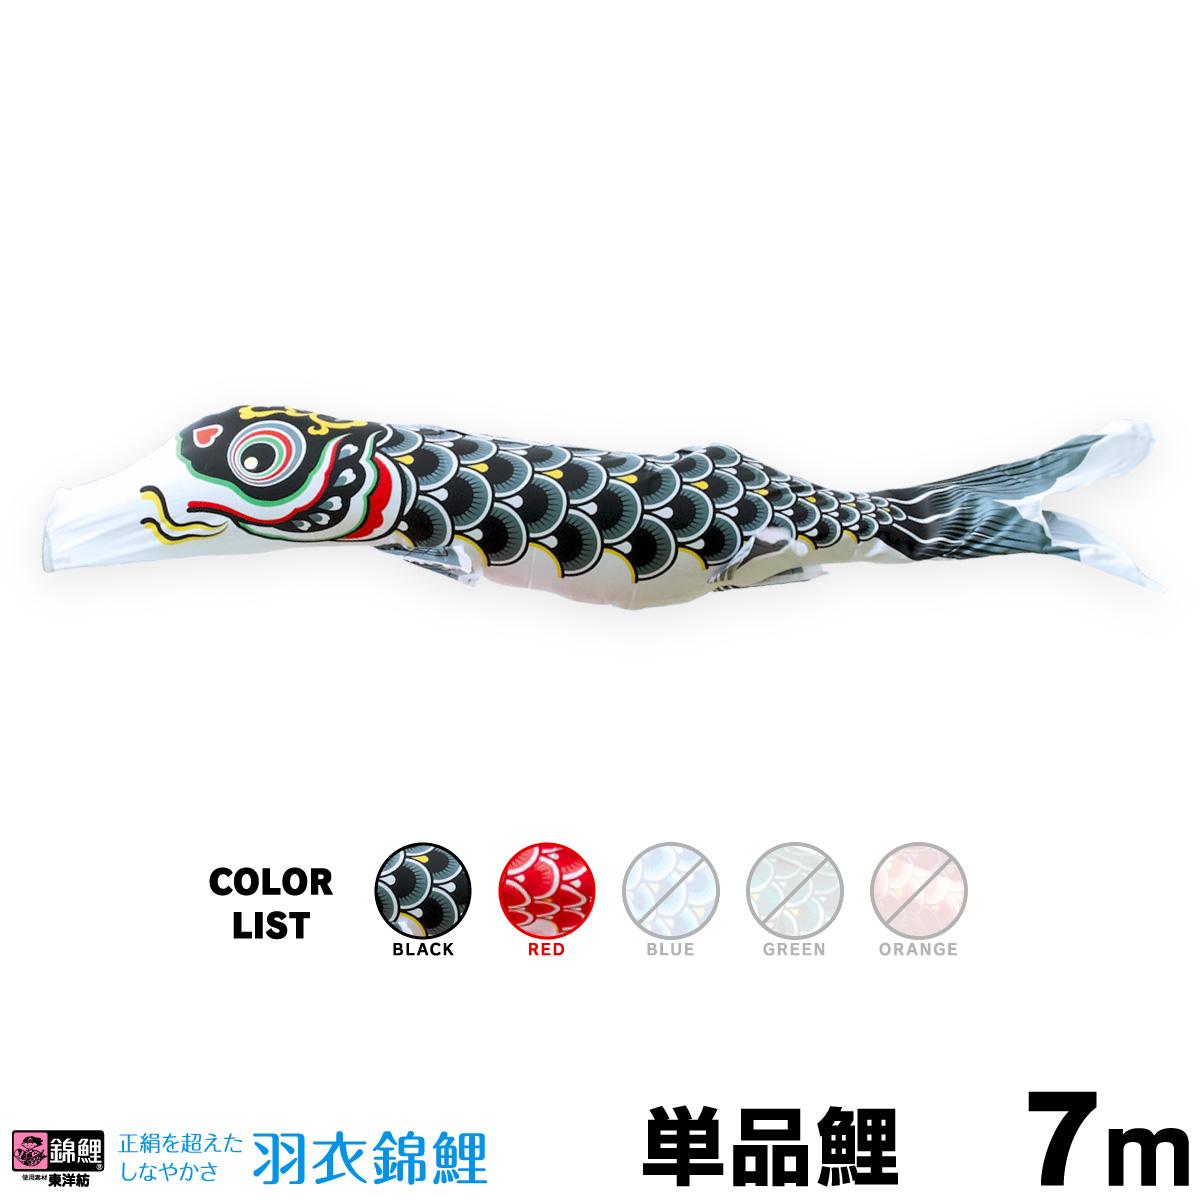 【こいのぼり 単品】 羽衣錦鯉 7m 単品鯉